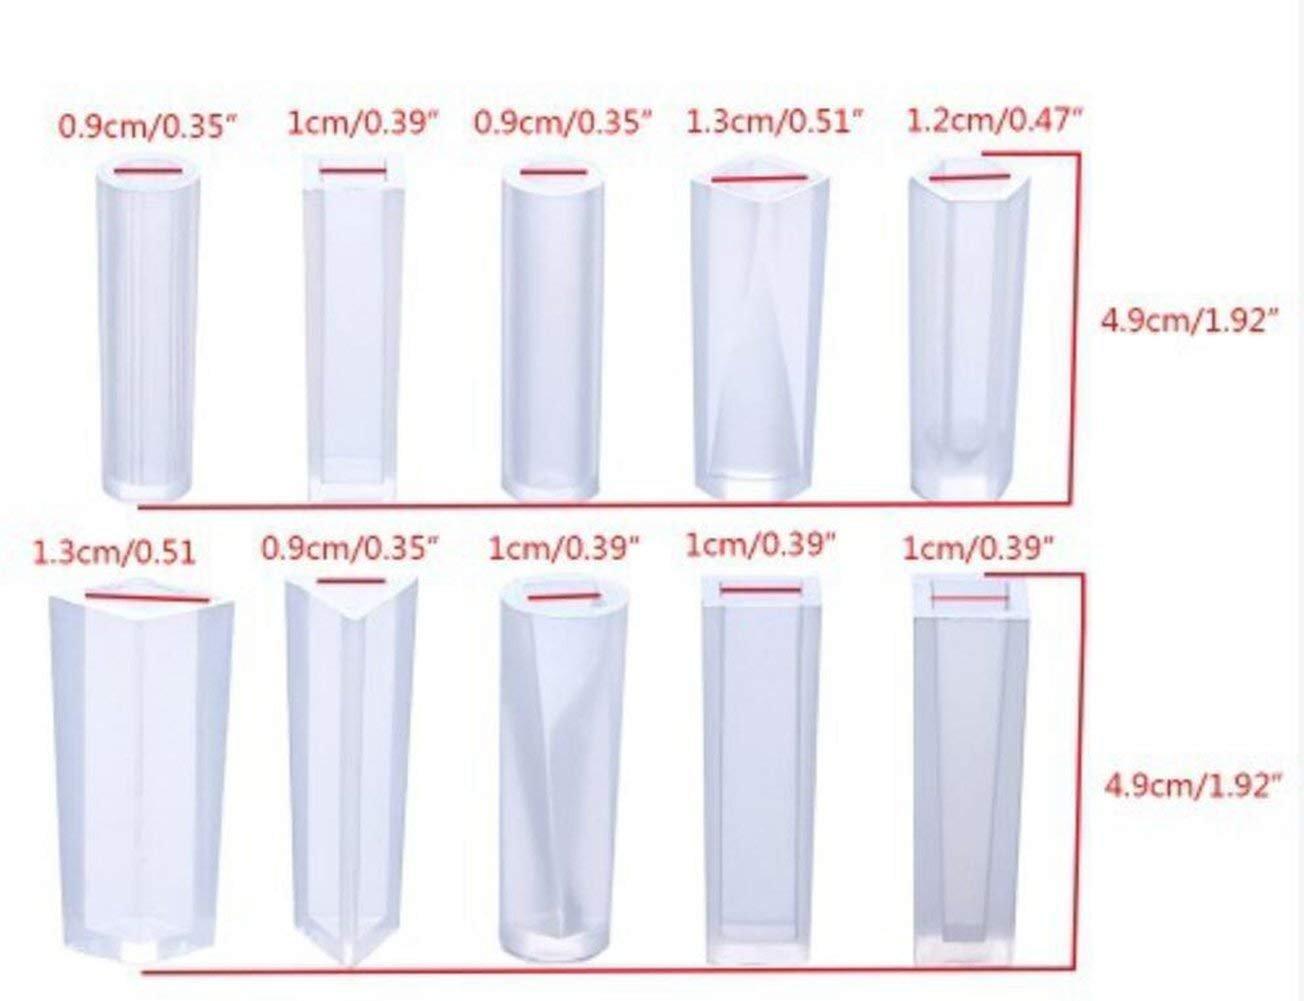 10 moldes de silicona para joyería con agujero para colgar para hacer manualidades, molde de silicona multifacético para hacer arcilla de polímero, ...